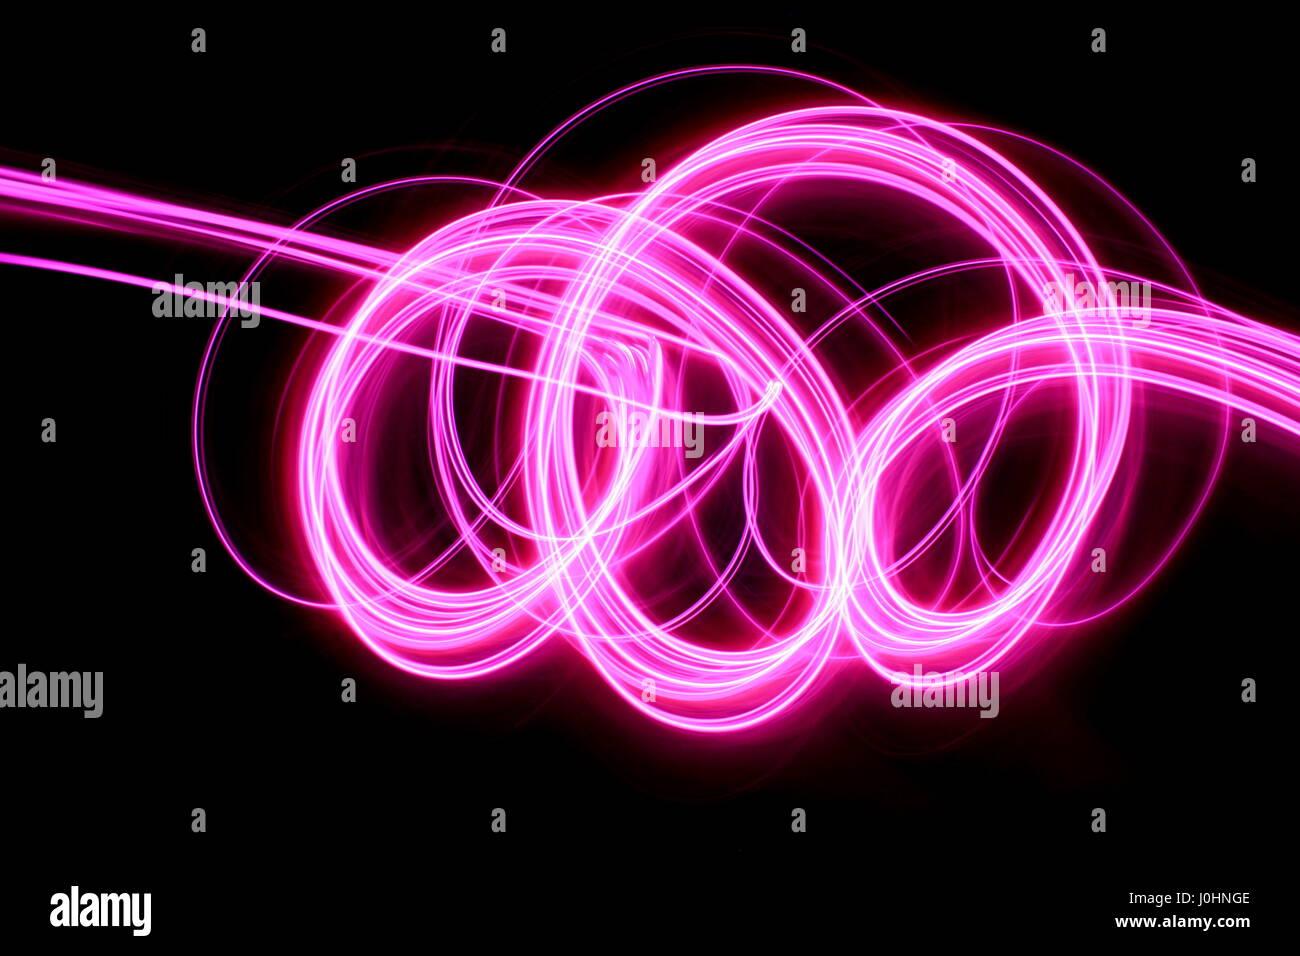 Luce rosa fotografia pittura - Lunga esposizione foto di rosa vibranti anse e volute su sfondo nero. Abstract pattern Foto Stock